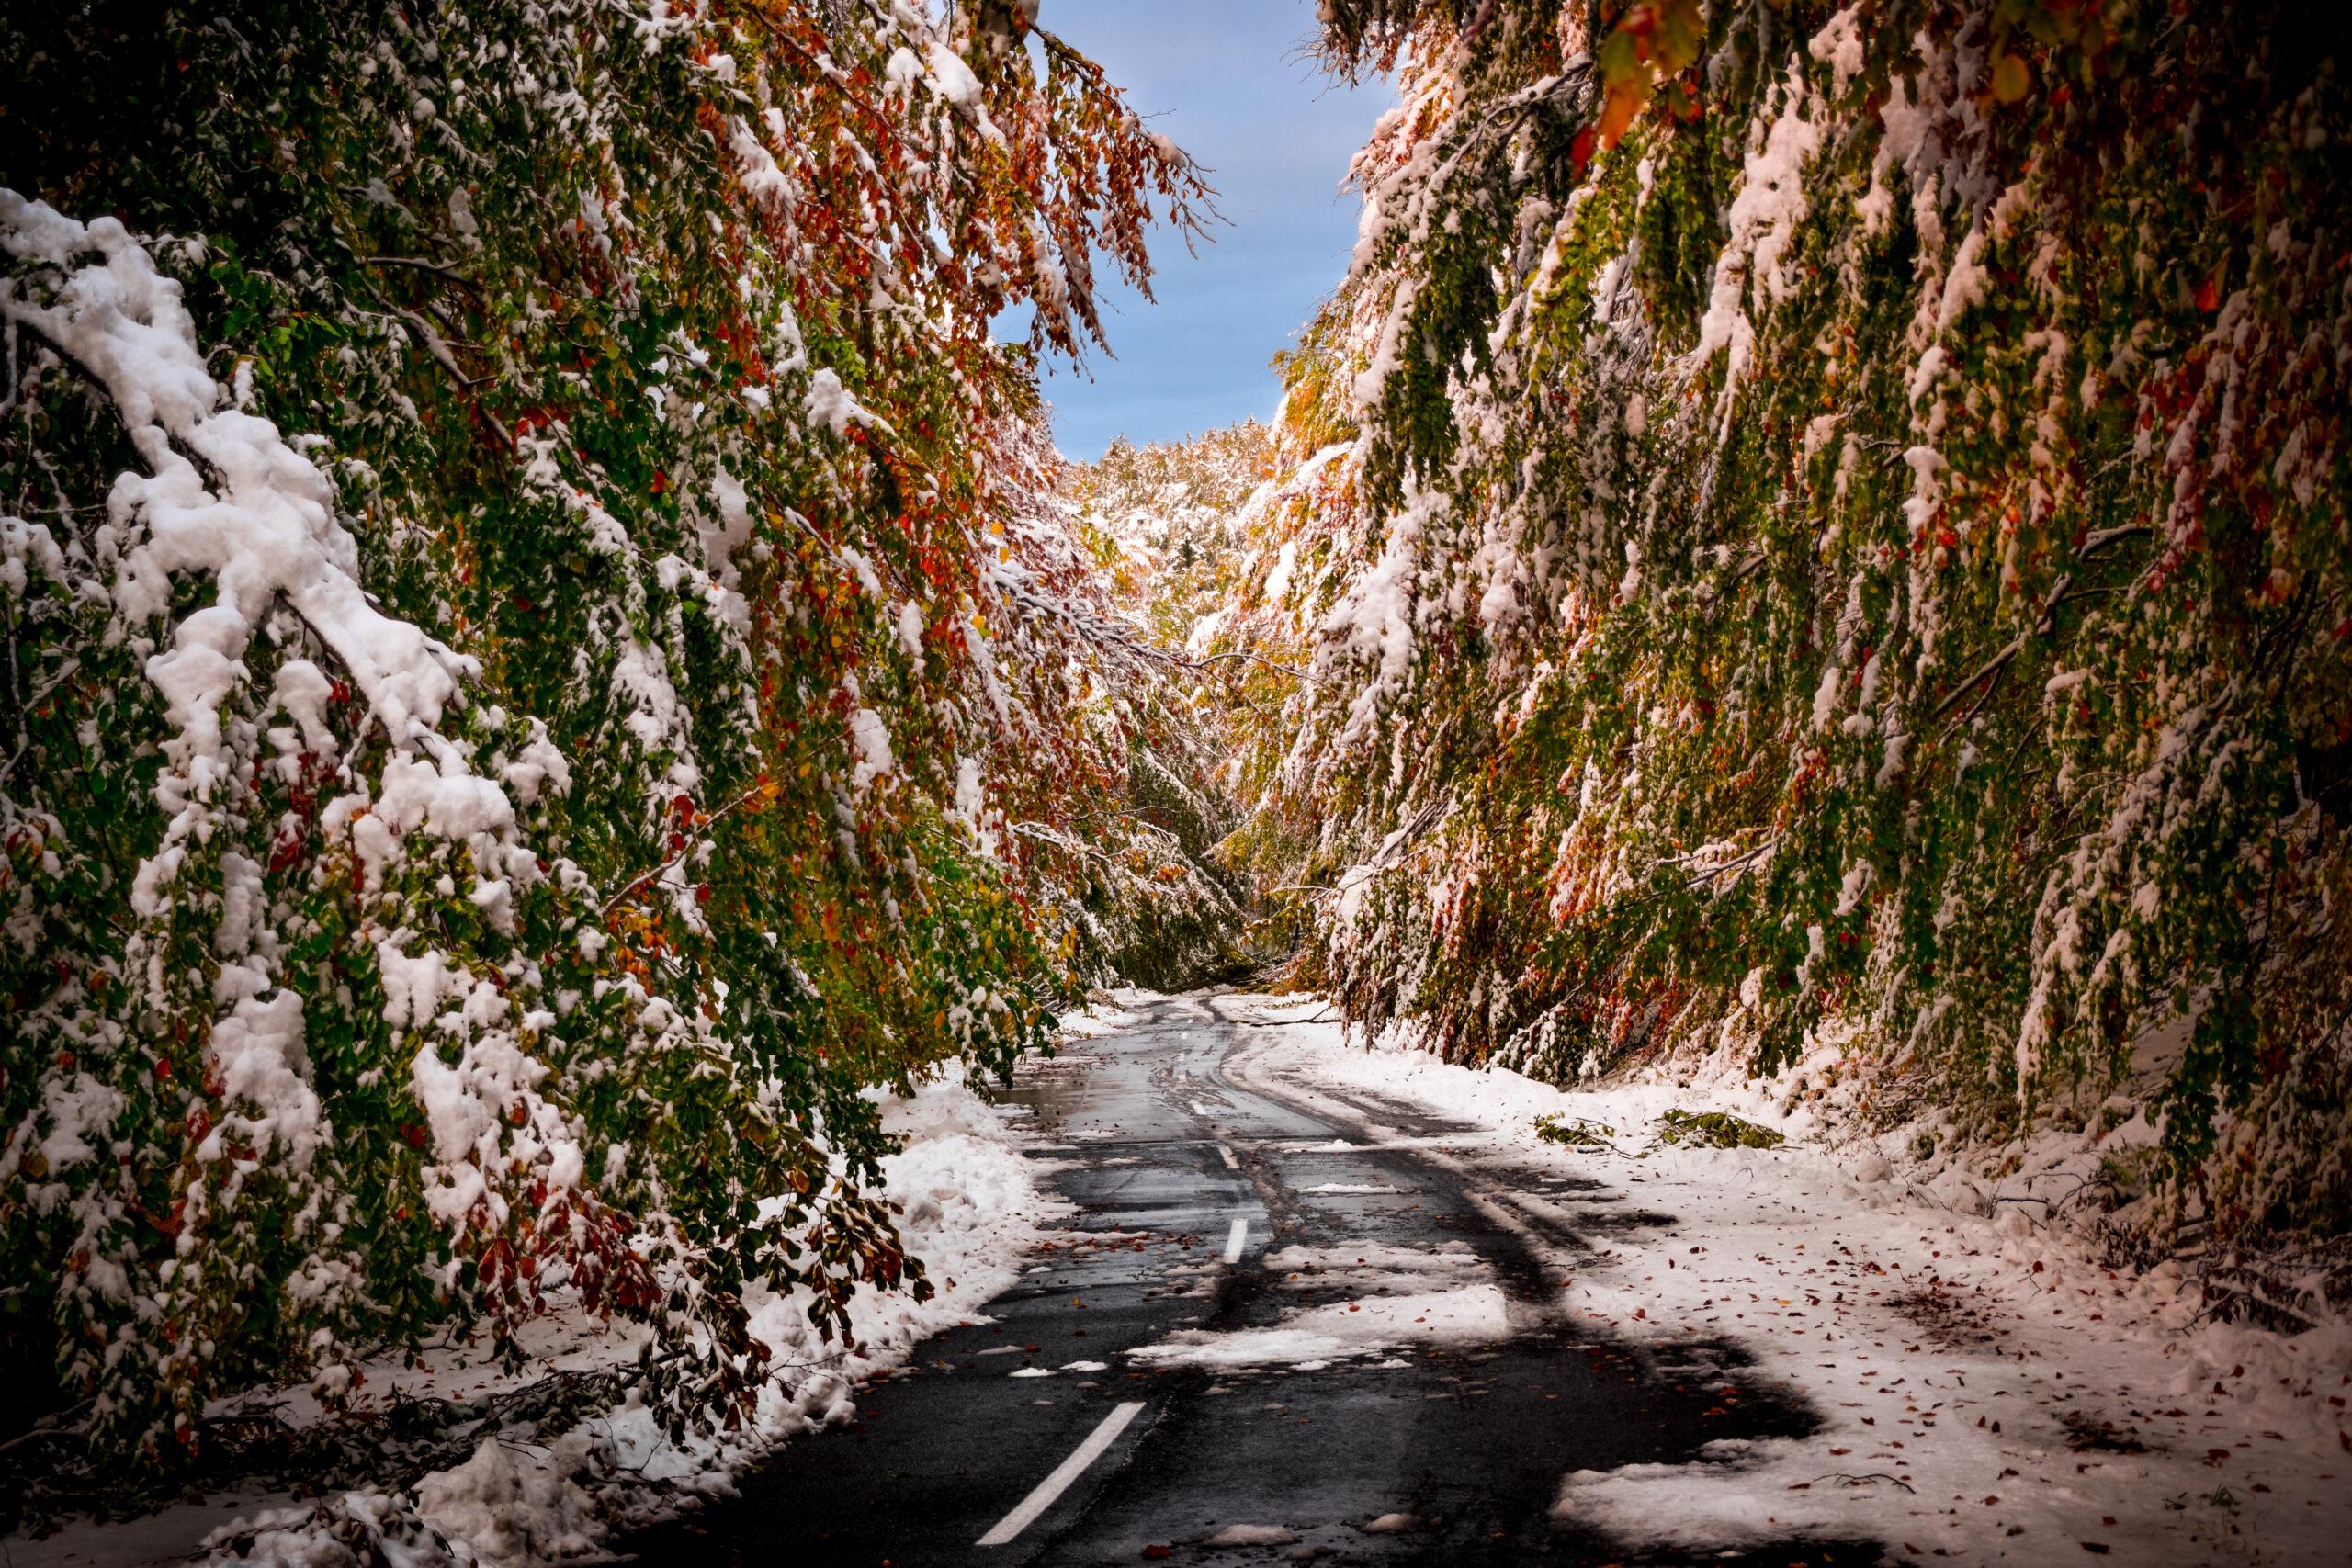 Életveszélyes utak, 43cm hó, letarolt erdő! (Képek) 1